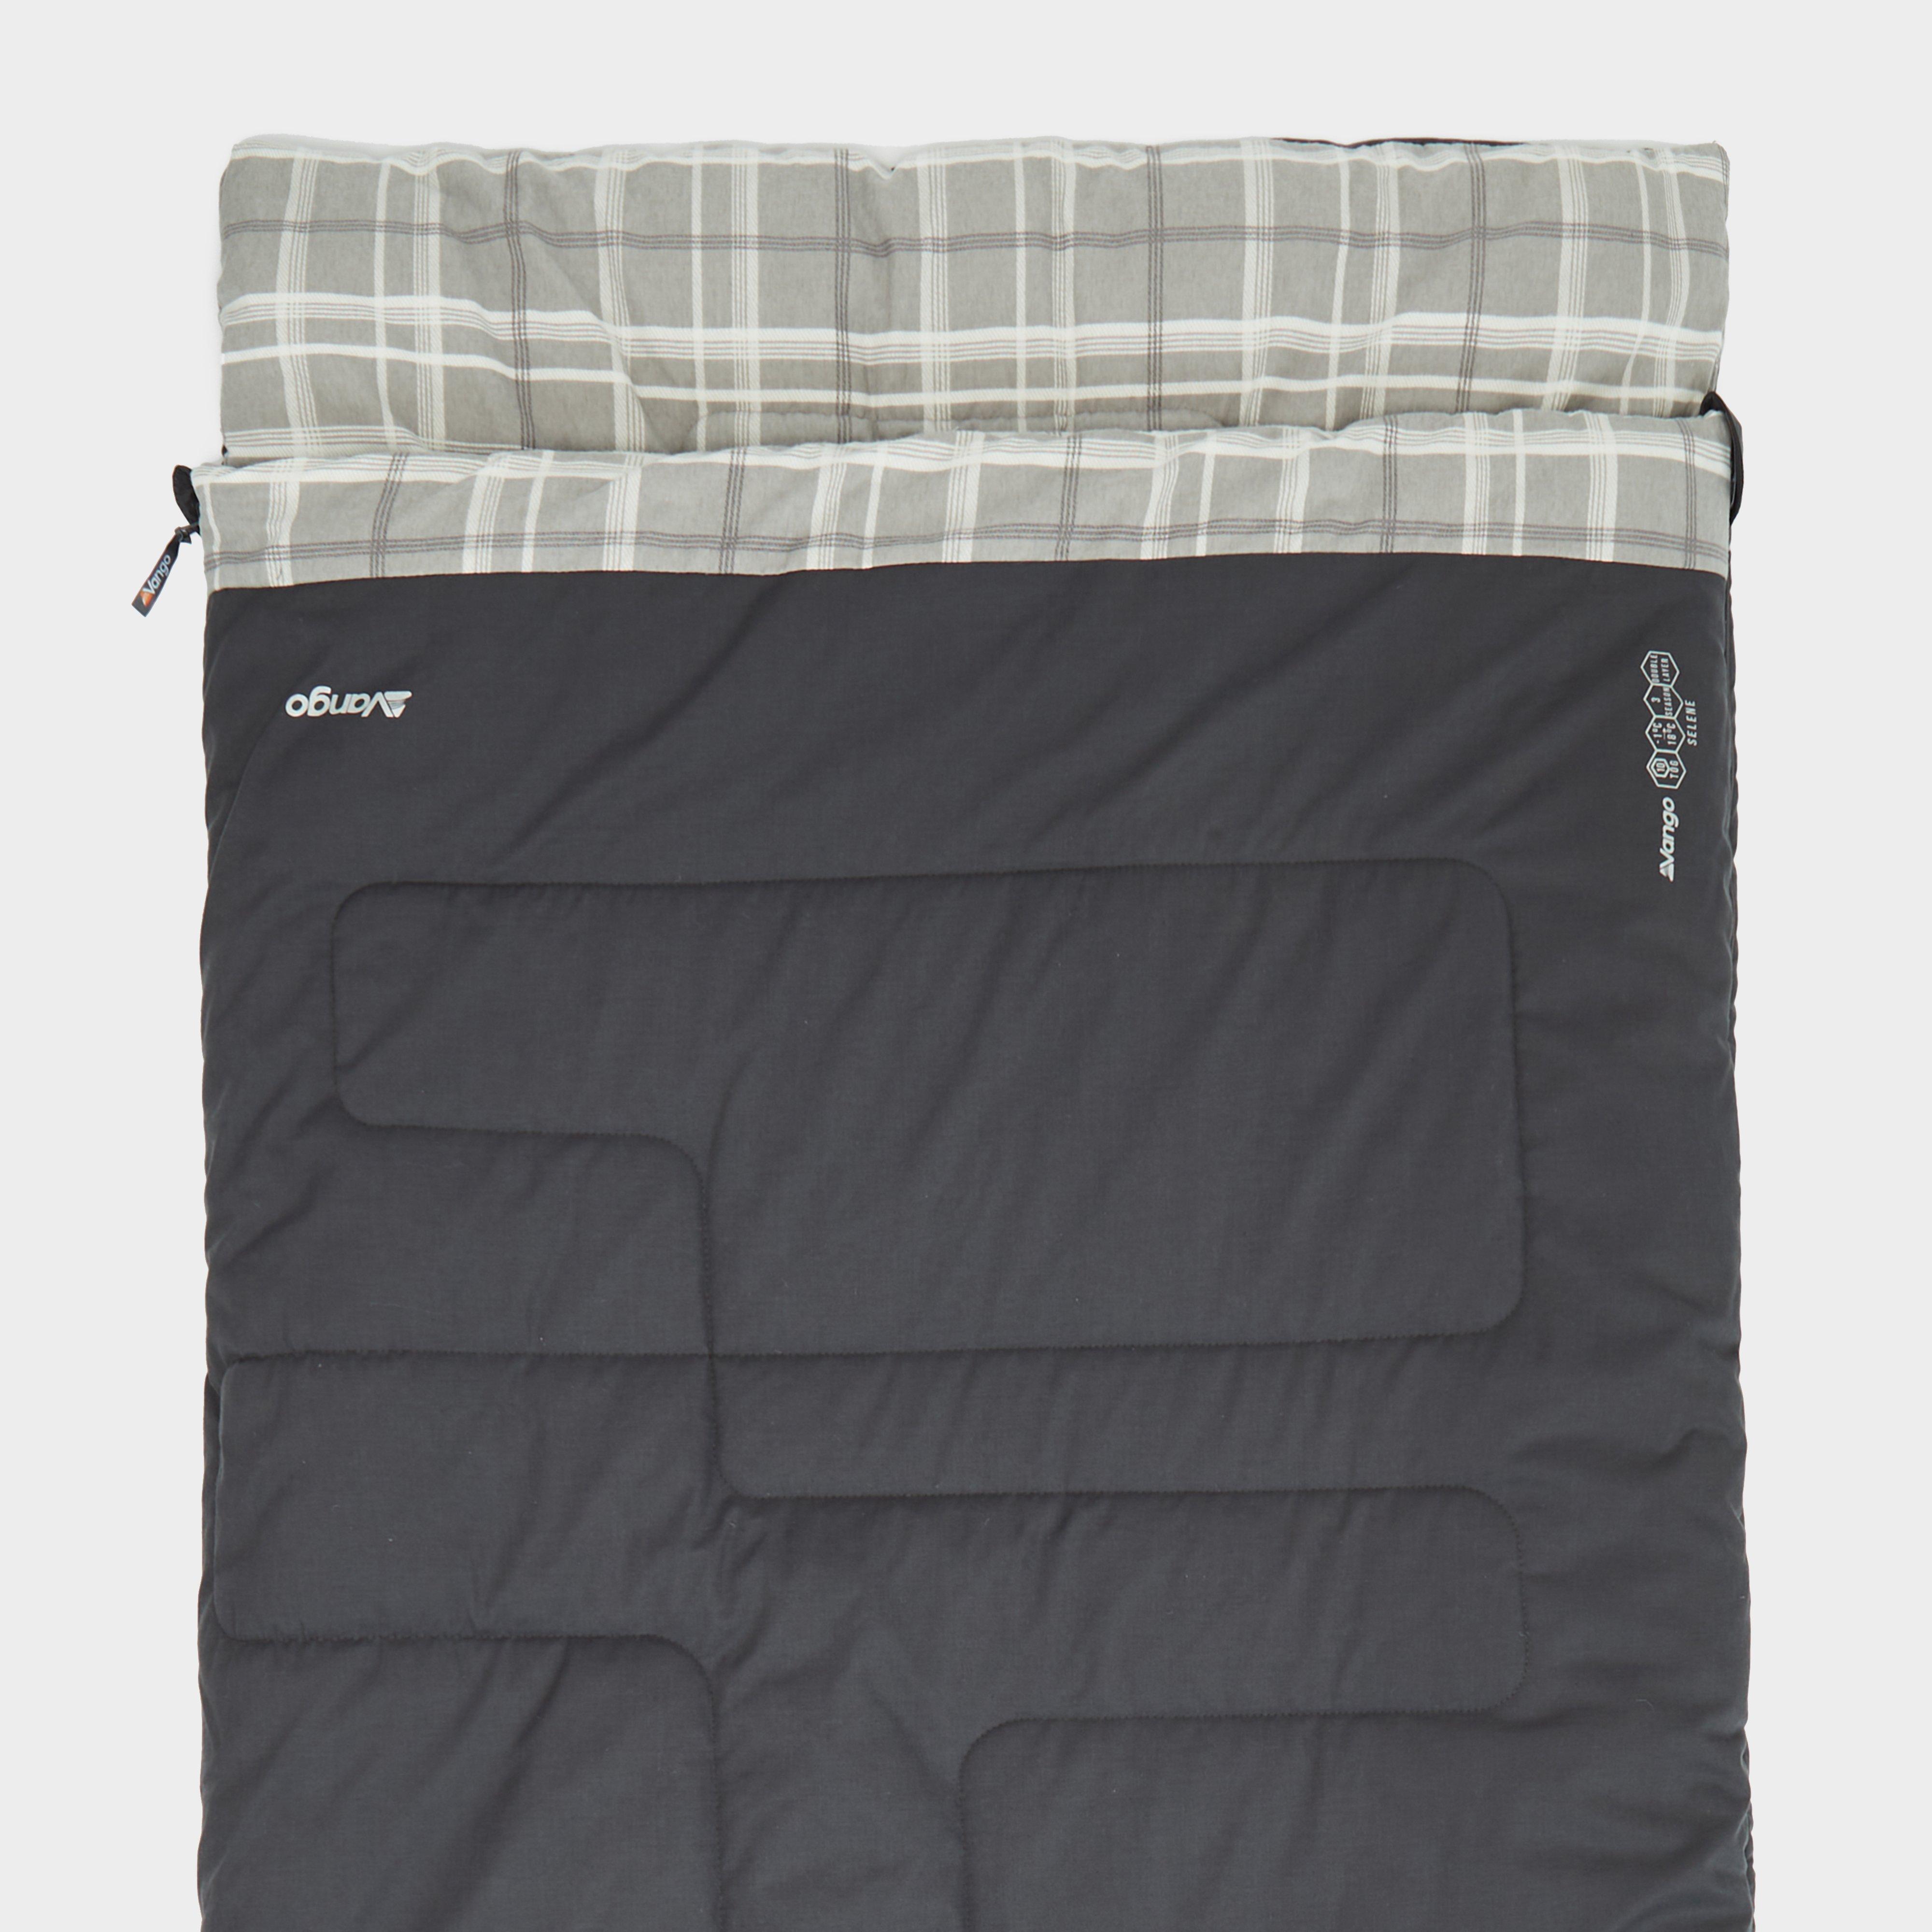 Vango Vango Selene Kingsize Single Sleeping Bag